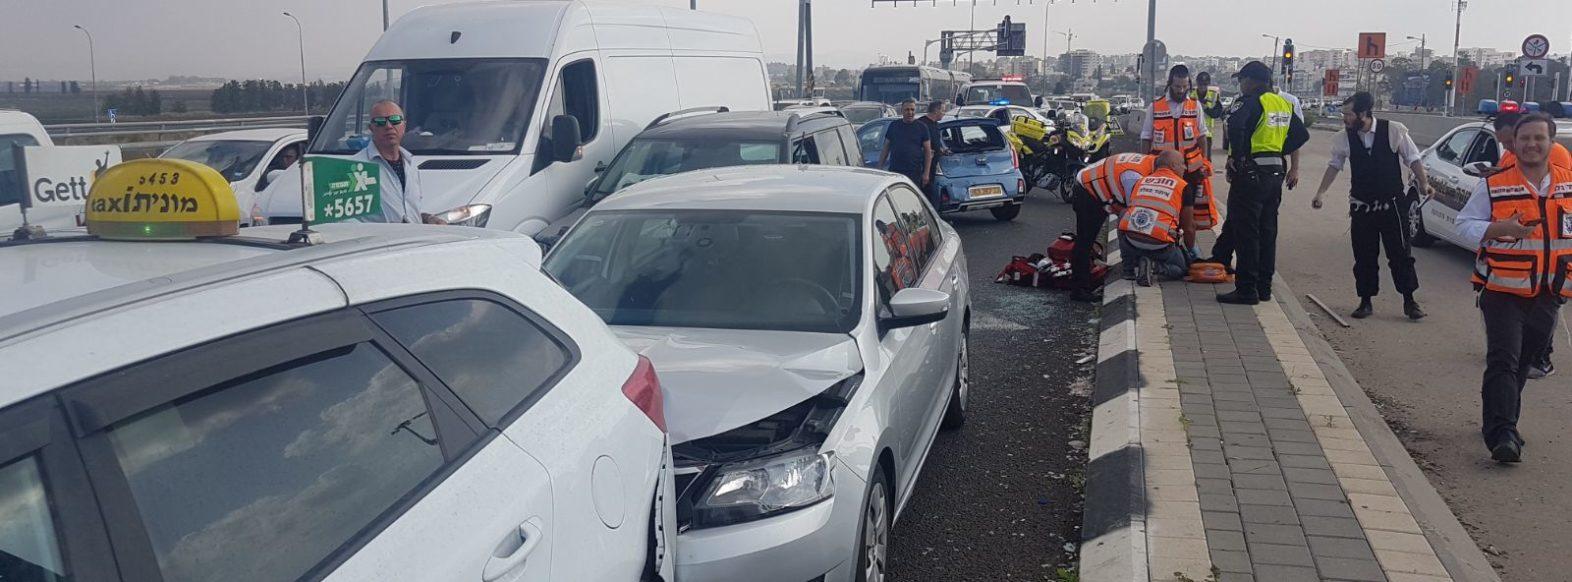 כביש 22-נהג איבד שליטה ופגע בחמישה כלי רכב,מצבו אנוש